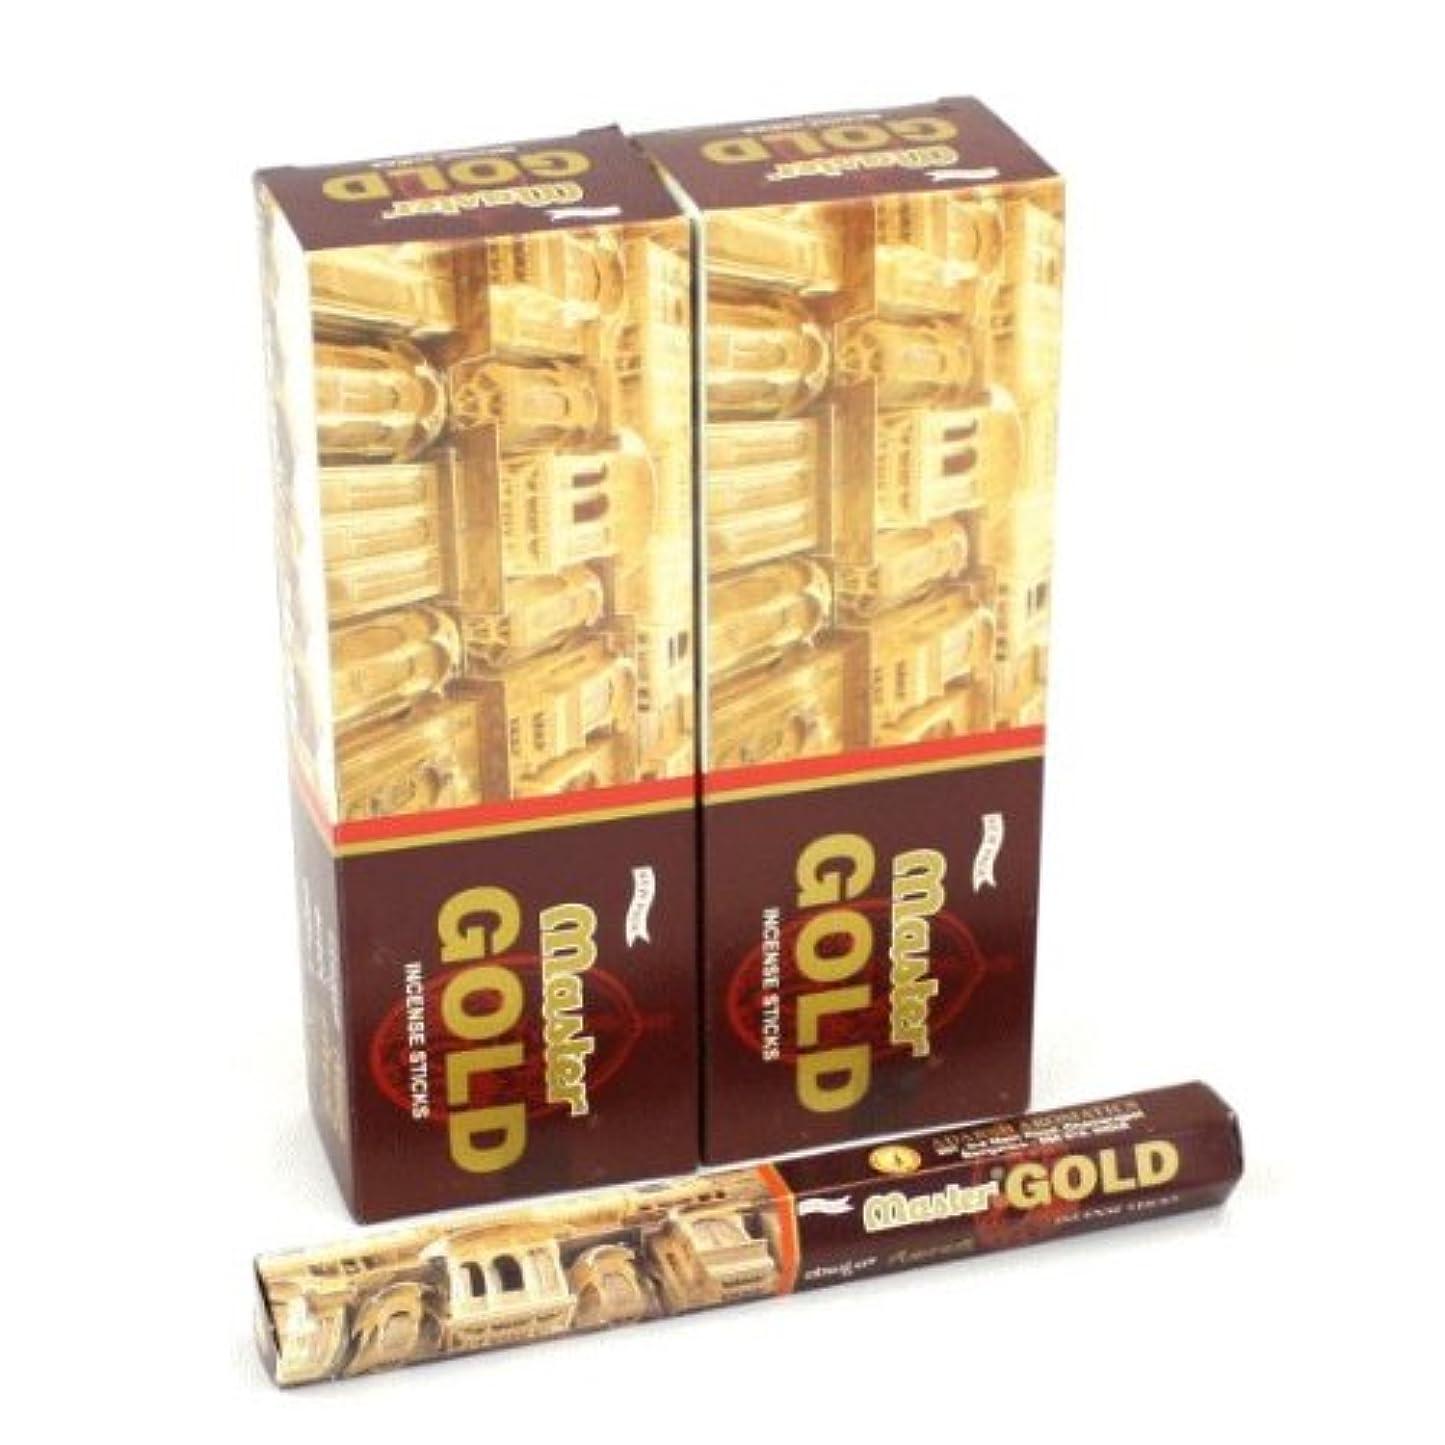 歌シーサイド率直なADARSH マスターゴールド香 スティック ヘキサパック(六角) 12箱セット MASTER GOLD